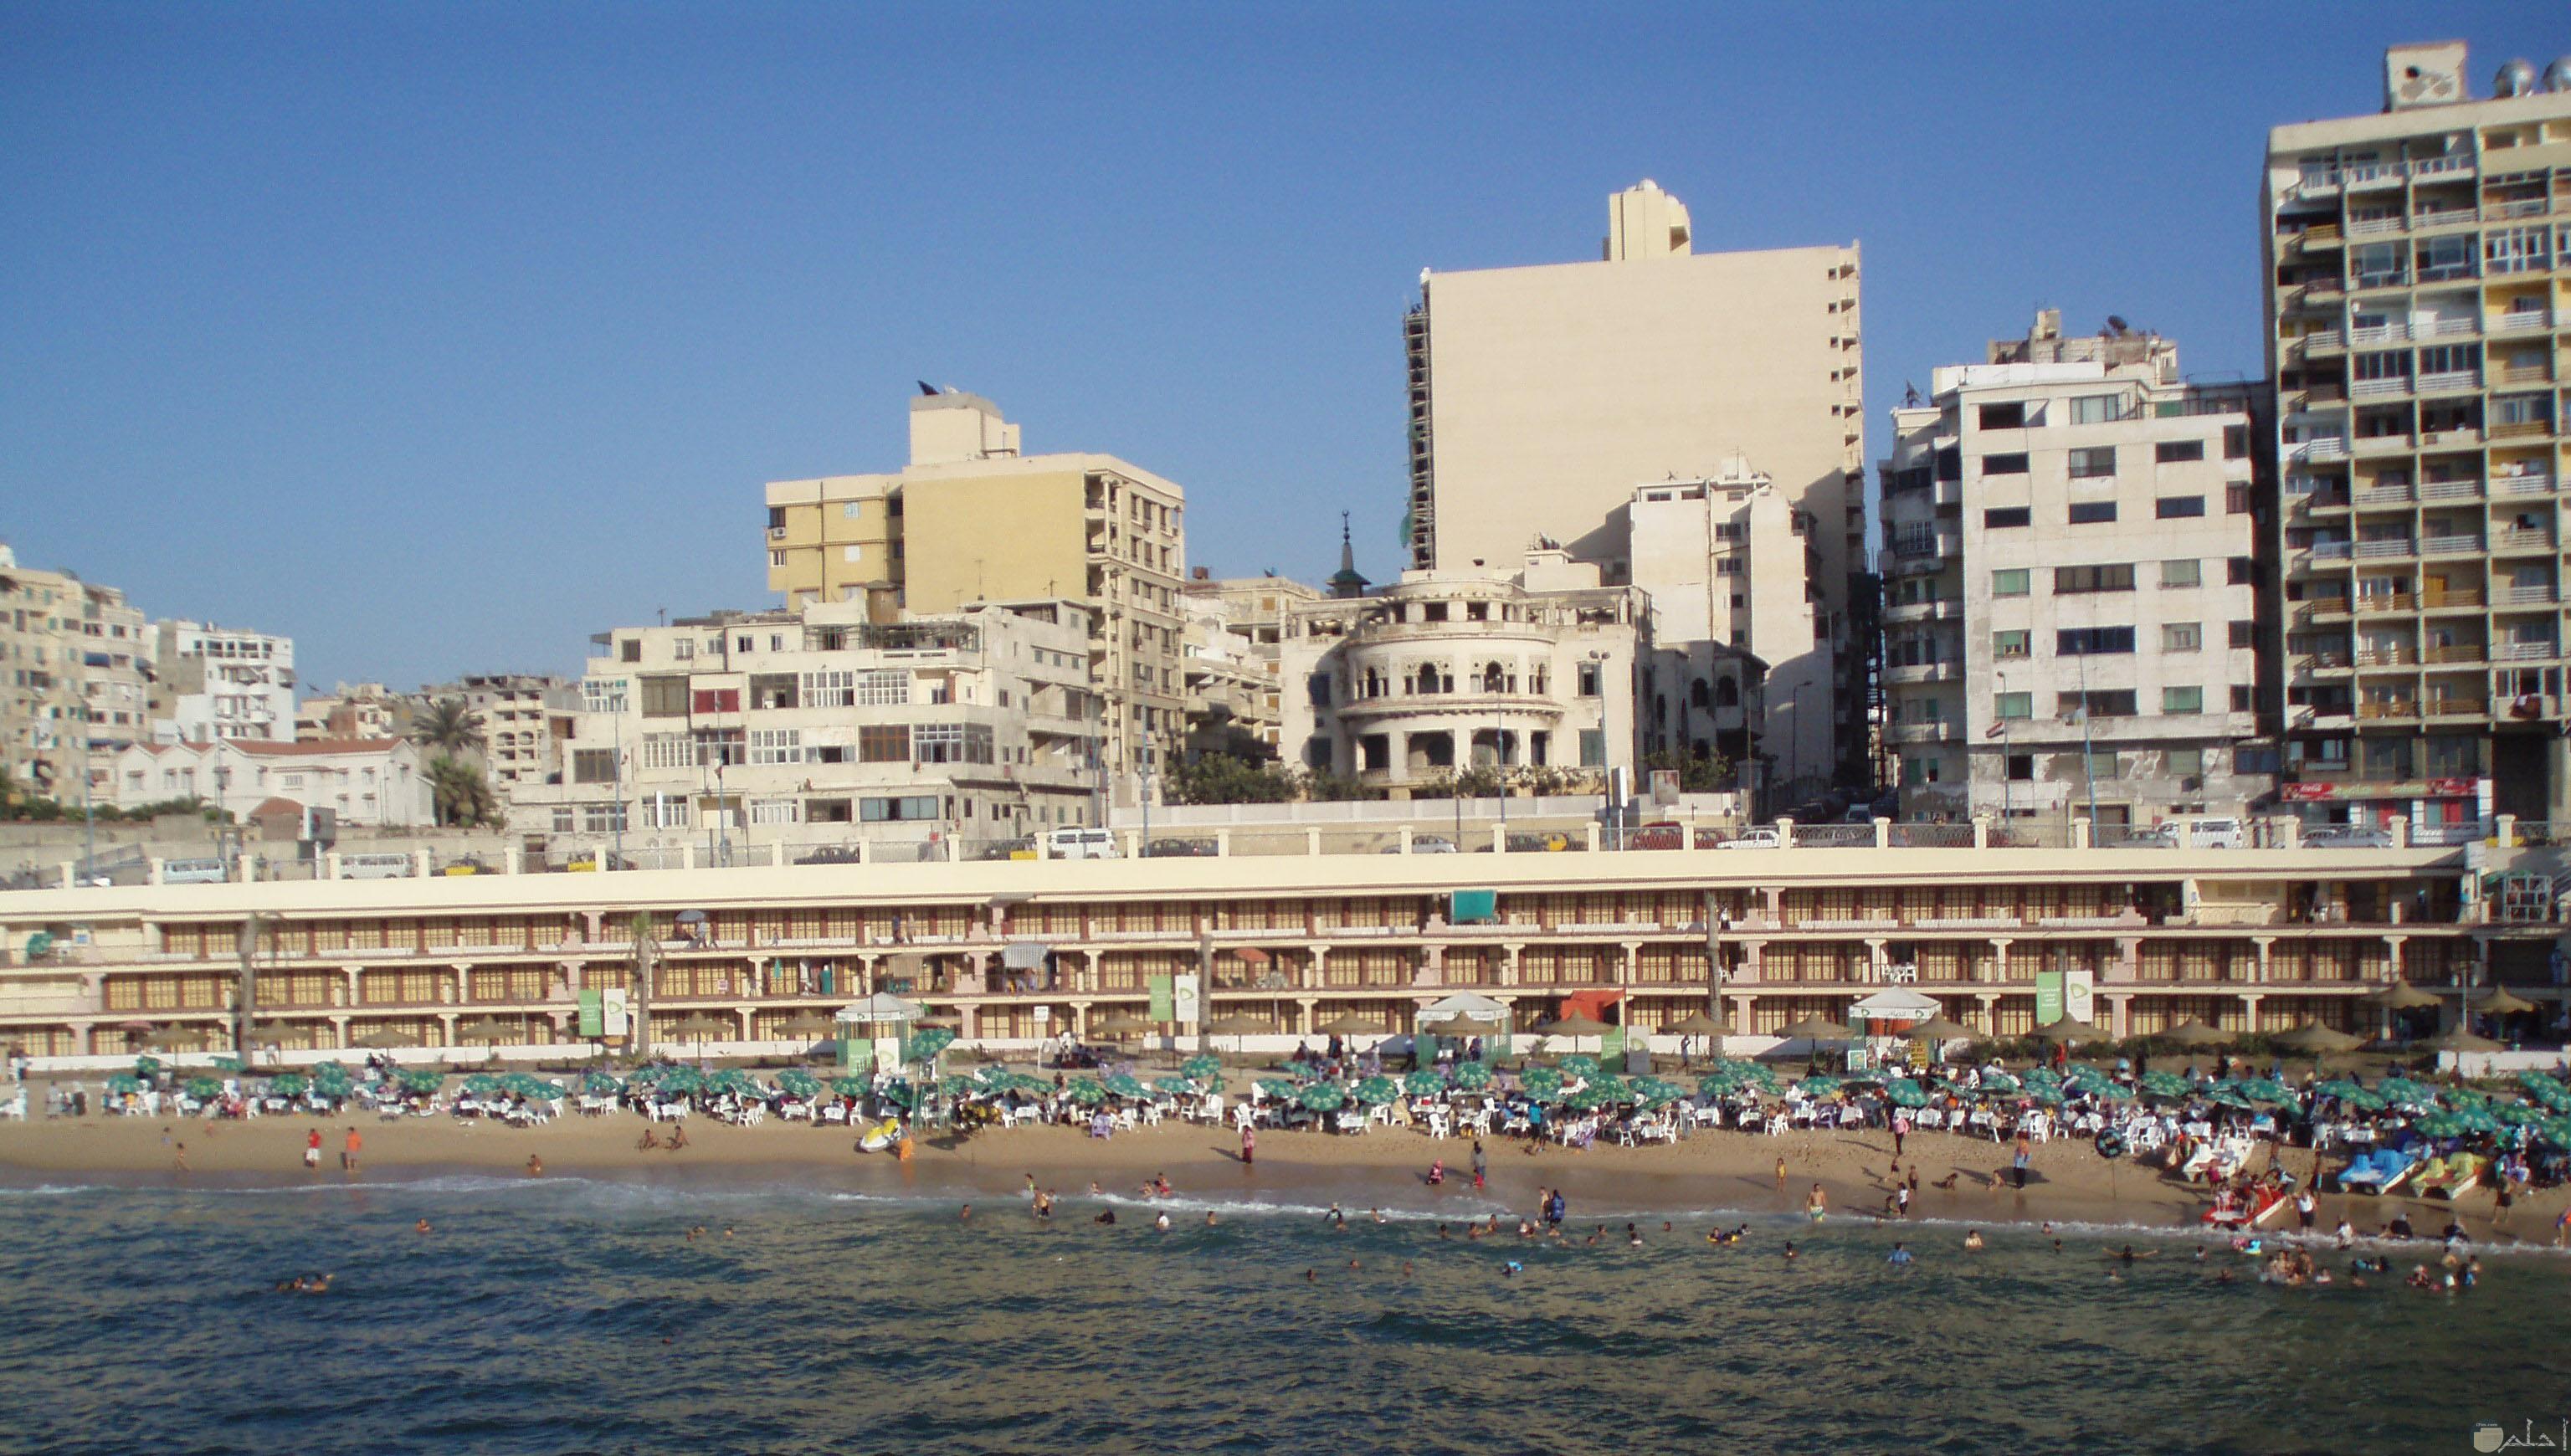 صور جميلة للشاطئ